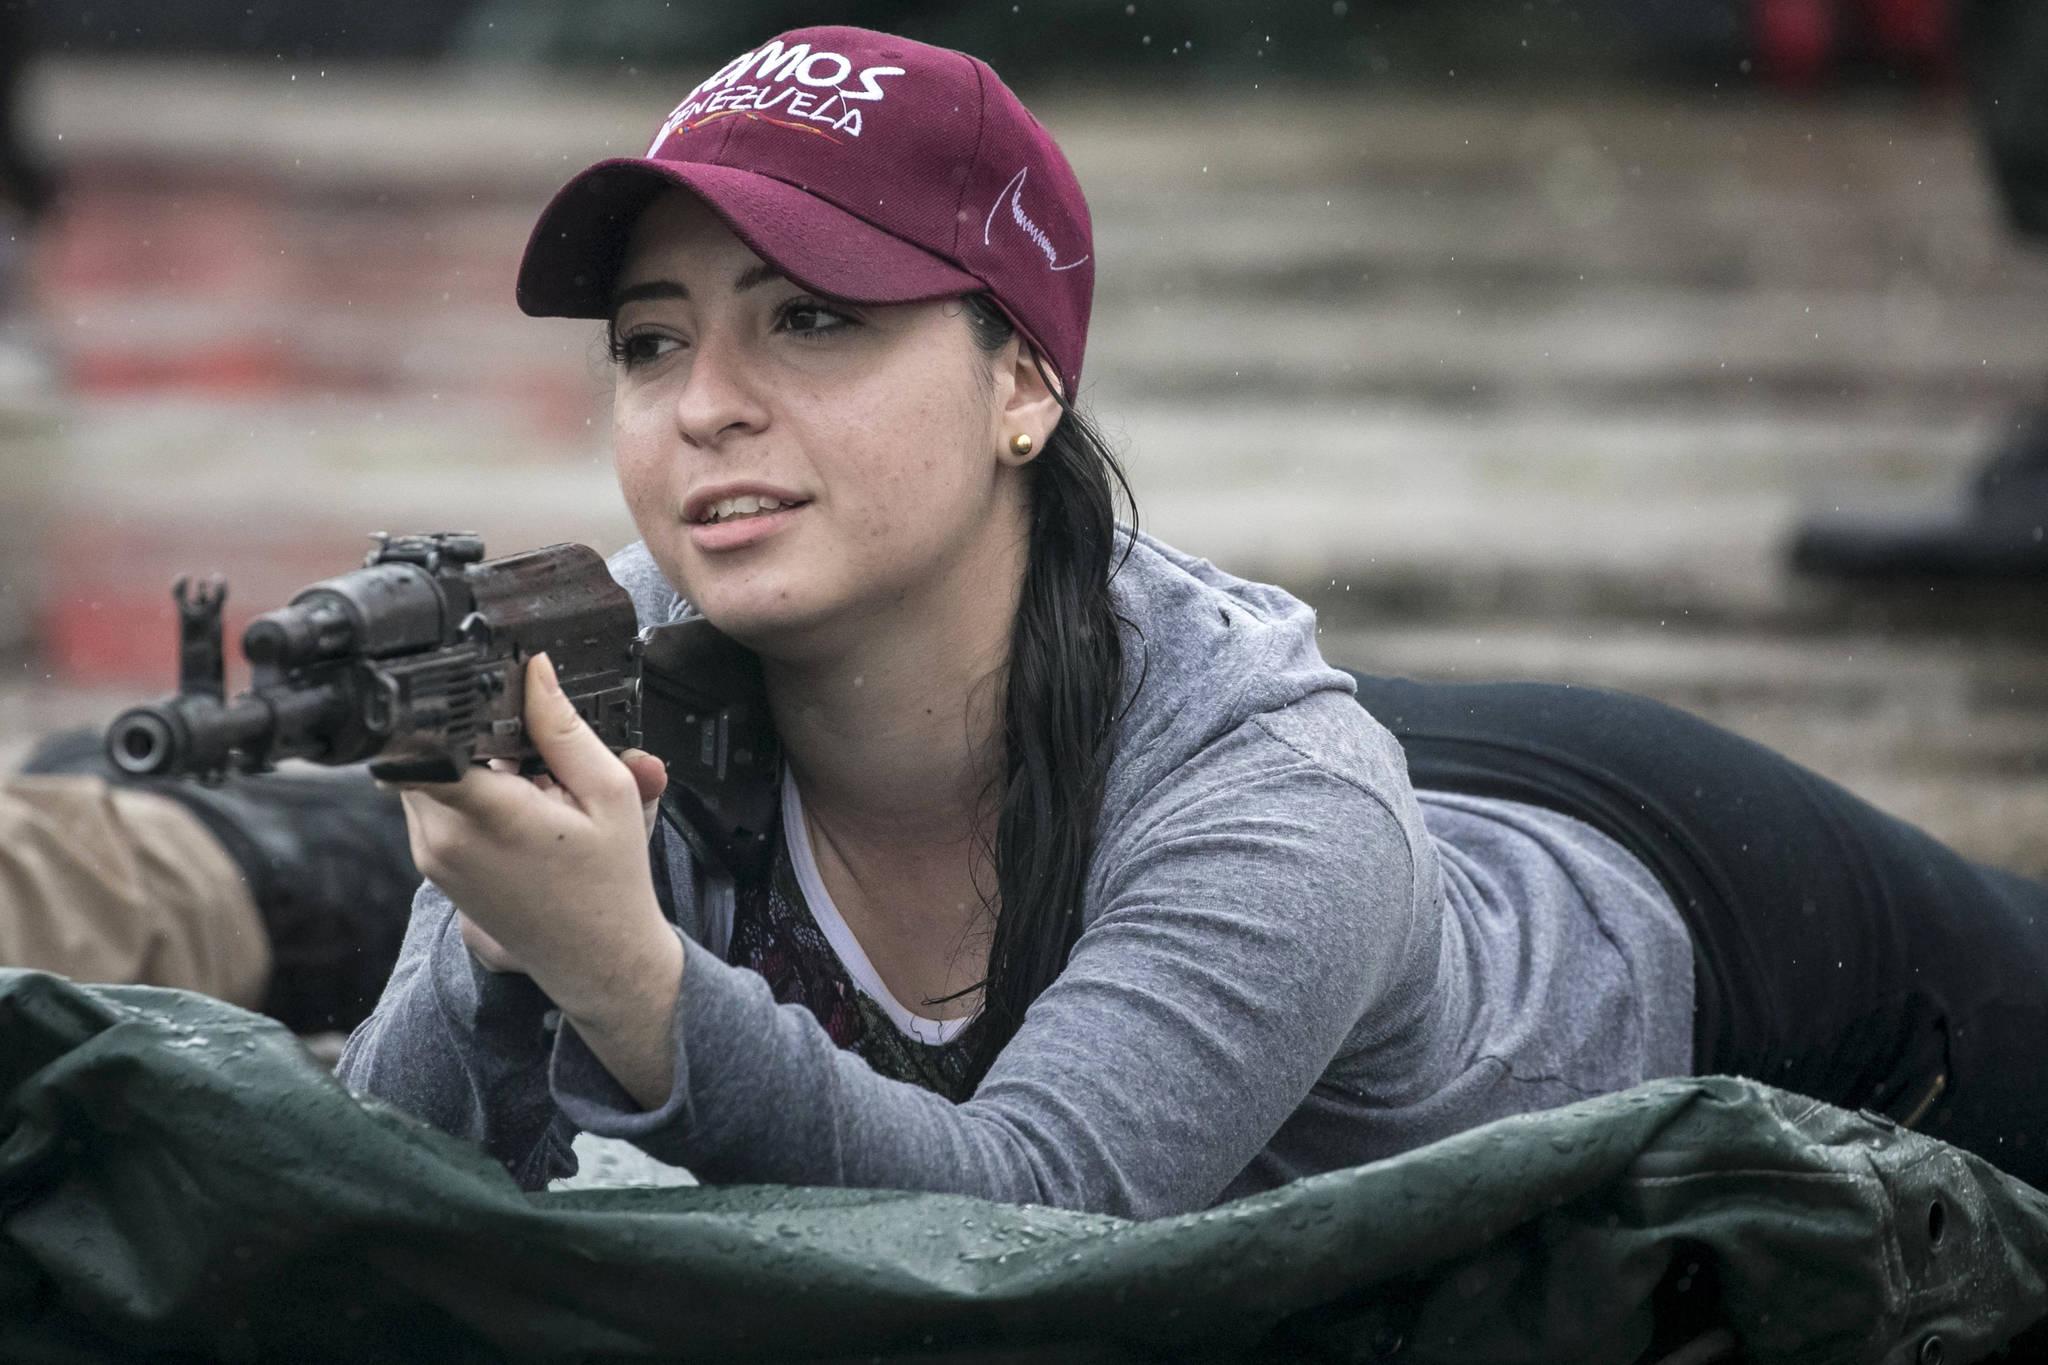 한 여성이 26일(현지시간) 베네수엘라 카라카스에서 열린 군사훈련에 참가해 사격훈련을 하고 있다.[EPA=연합뉴스]